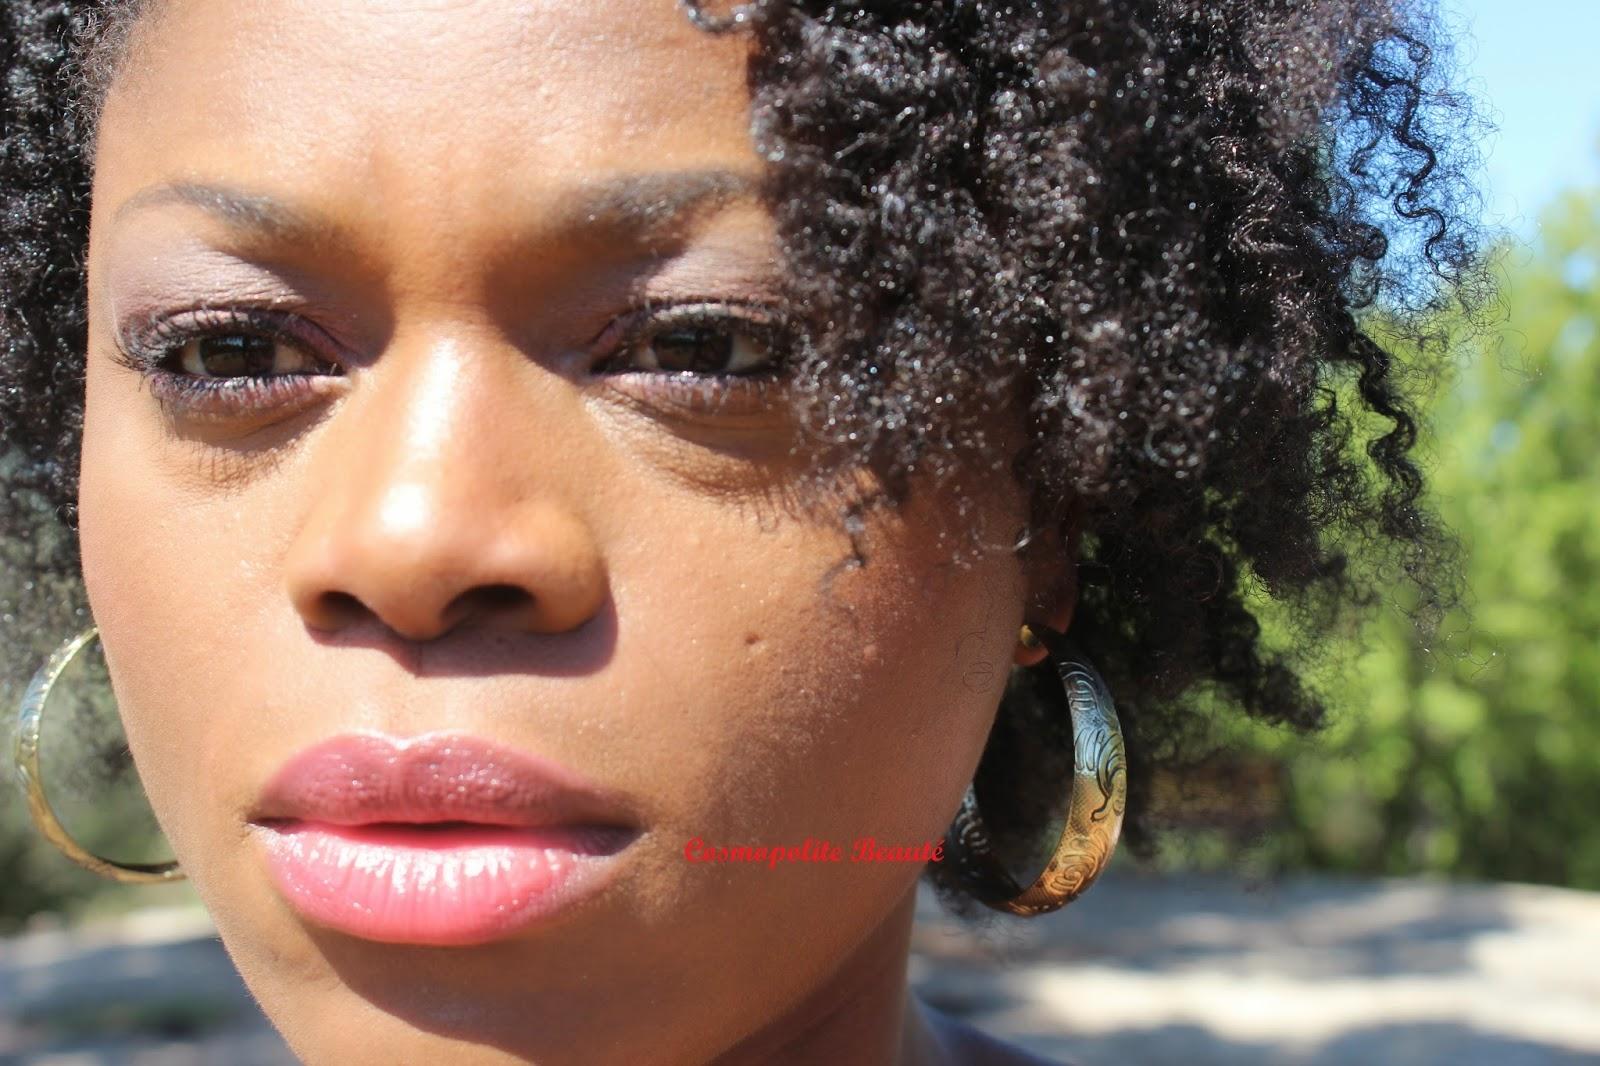 femme noire, black beauty, nappy, naturalista, wash and go, twist out, nappy, crépus, tenue, maquillage, chaussures, bala bosté, louis vuitton, revlon, ysl, urban decay, gemey, UNE, l'oréal, sleek